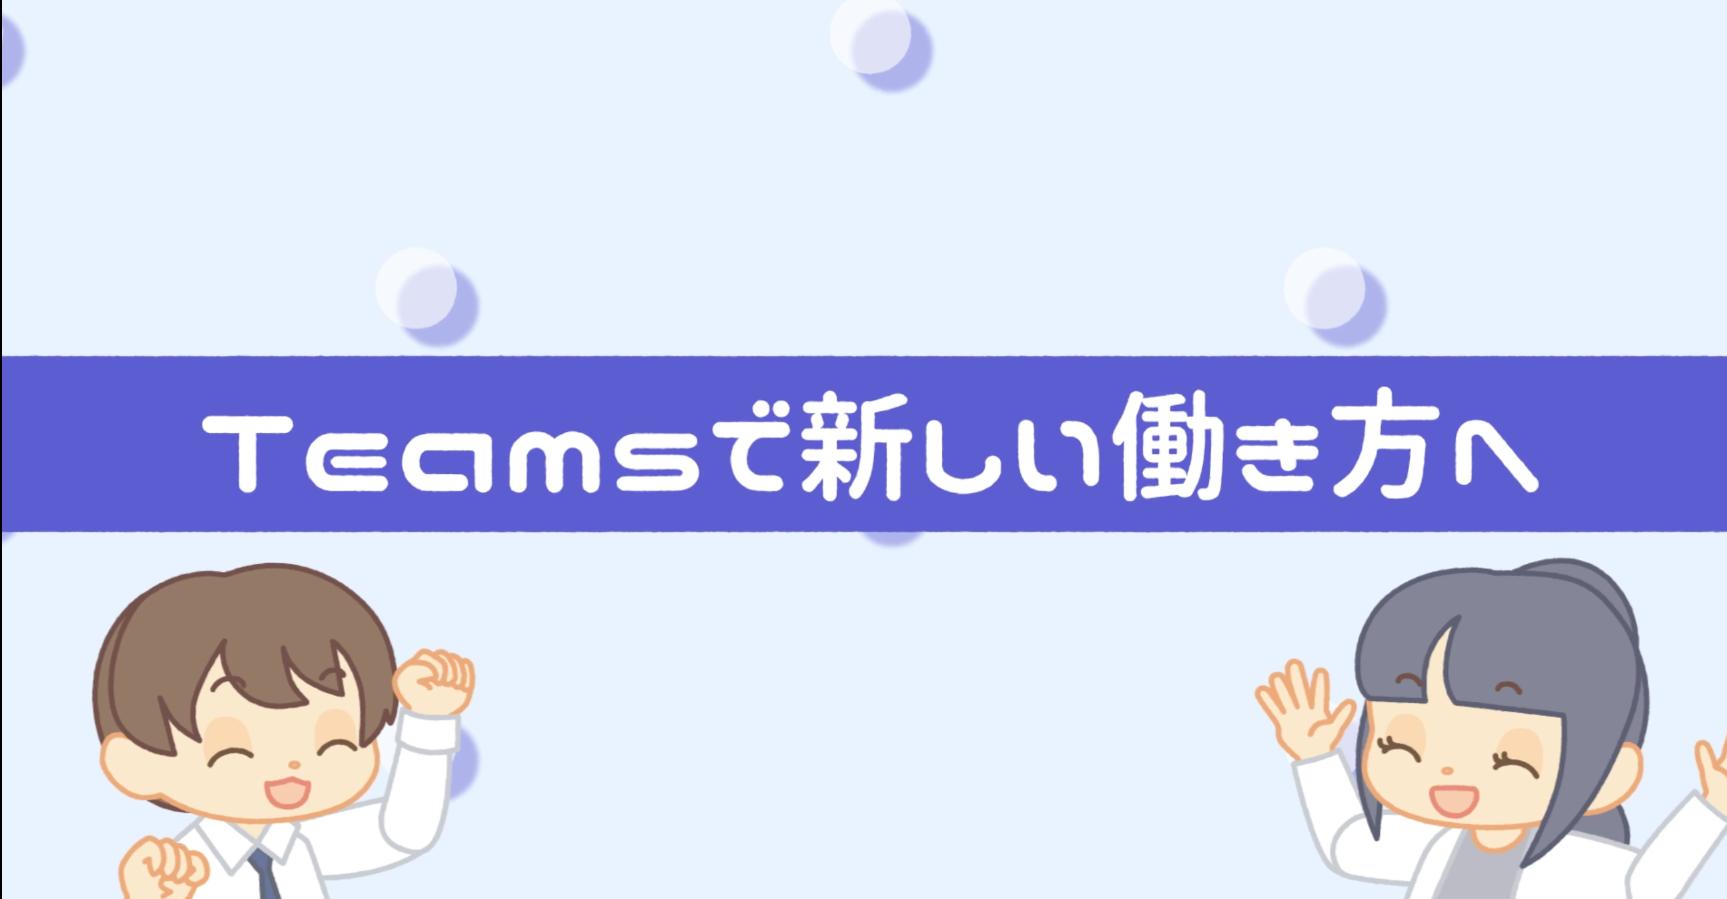 【事例・動画】Teamsってなに?使い方は?(東京海上日動火災保険株式会社)